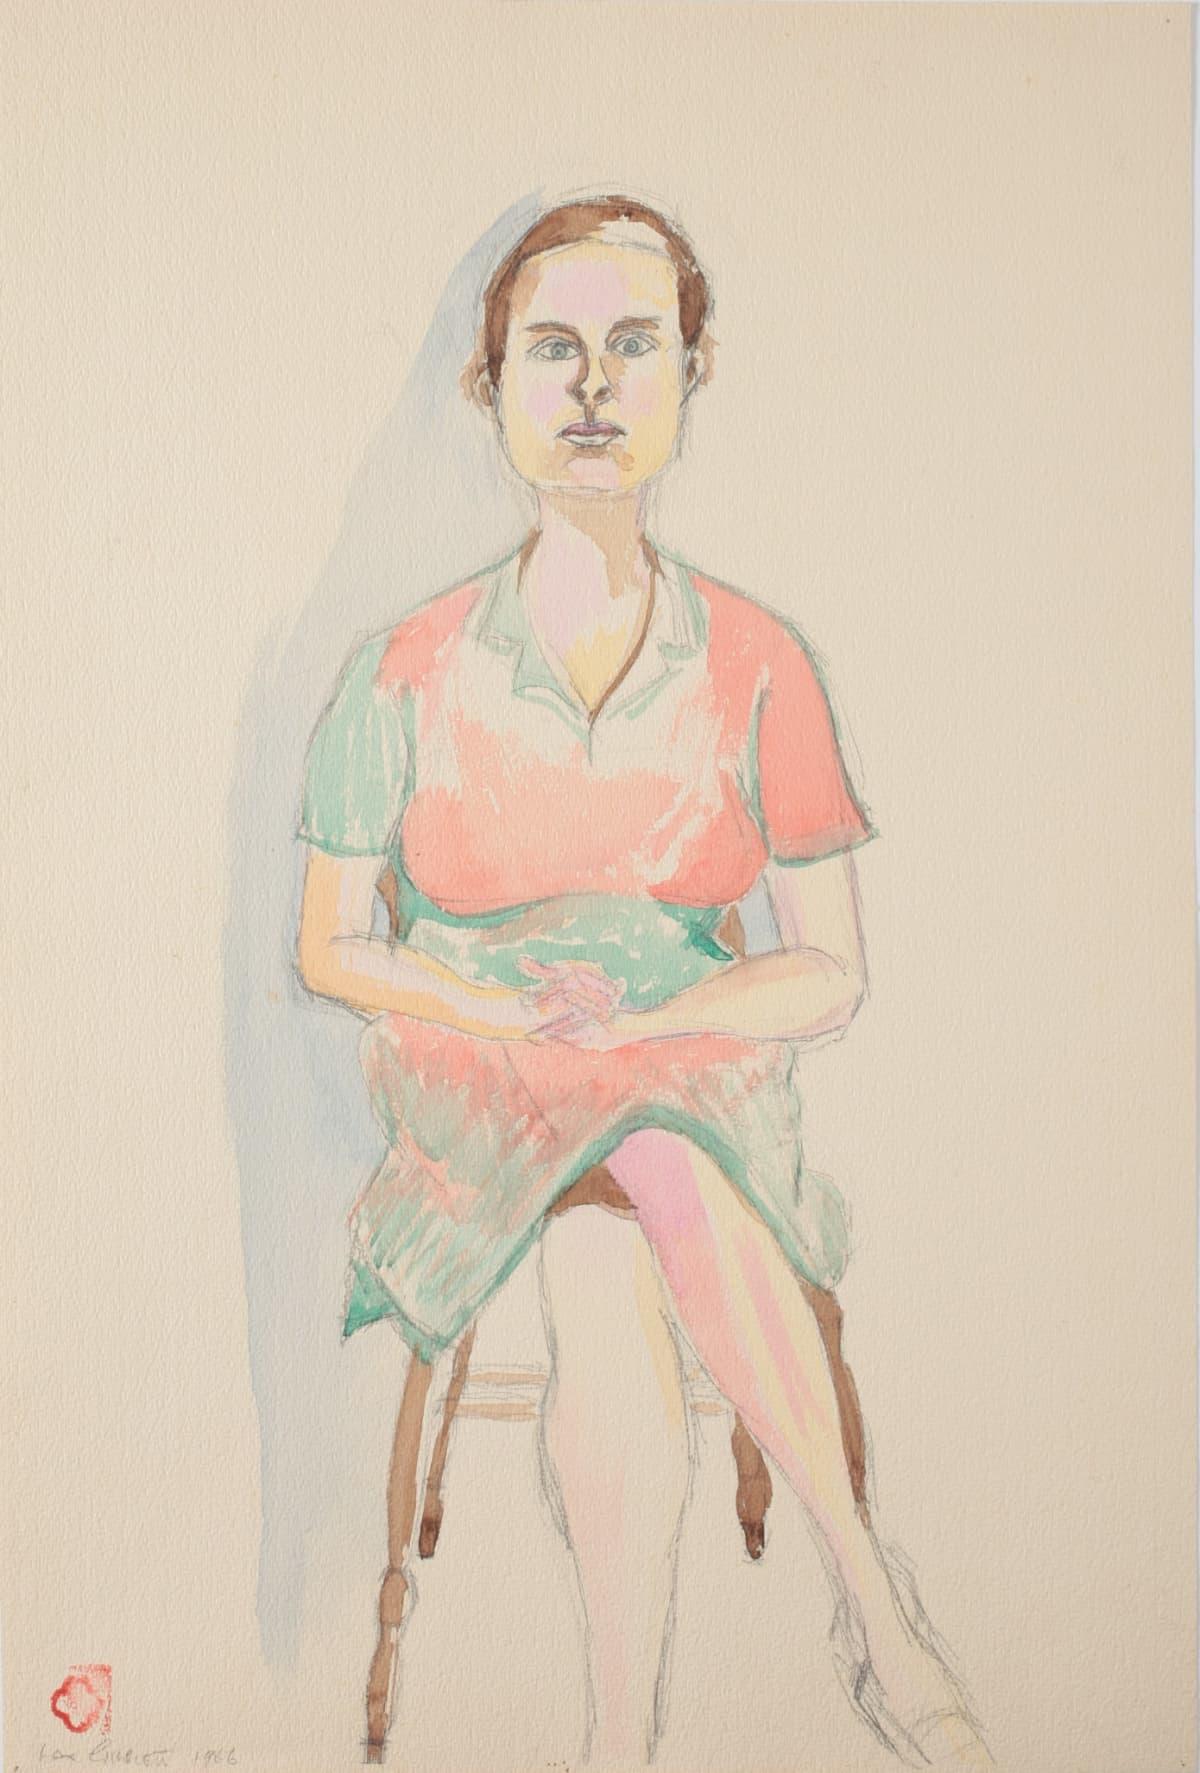 Max GIMBLETT Barbara, 1966 Watercolour on paper 24 x 16 in 61 x 40.6 cm